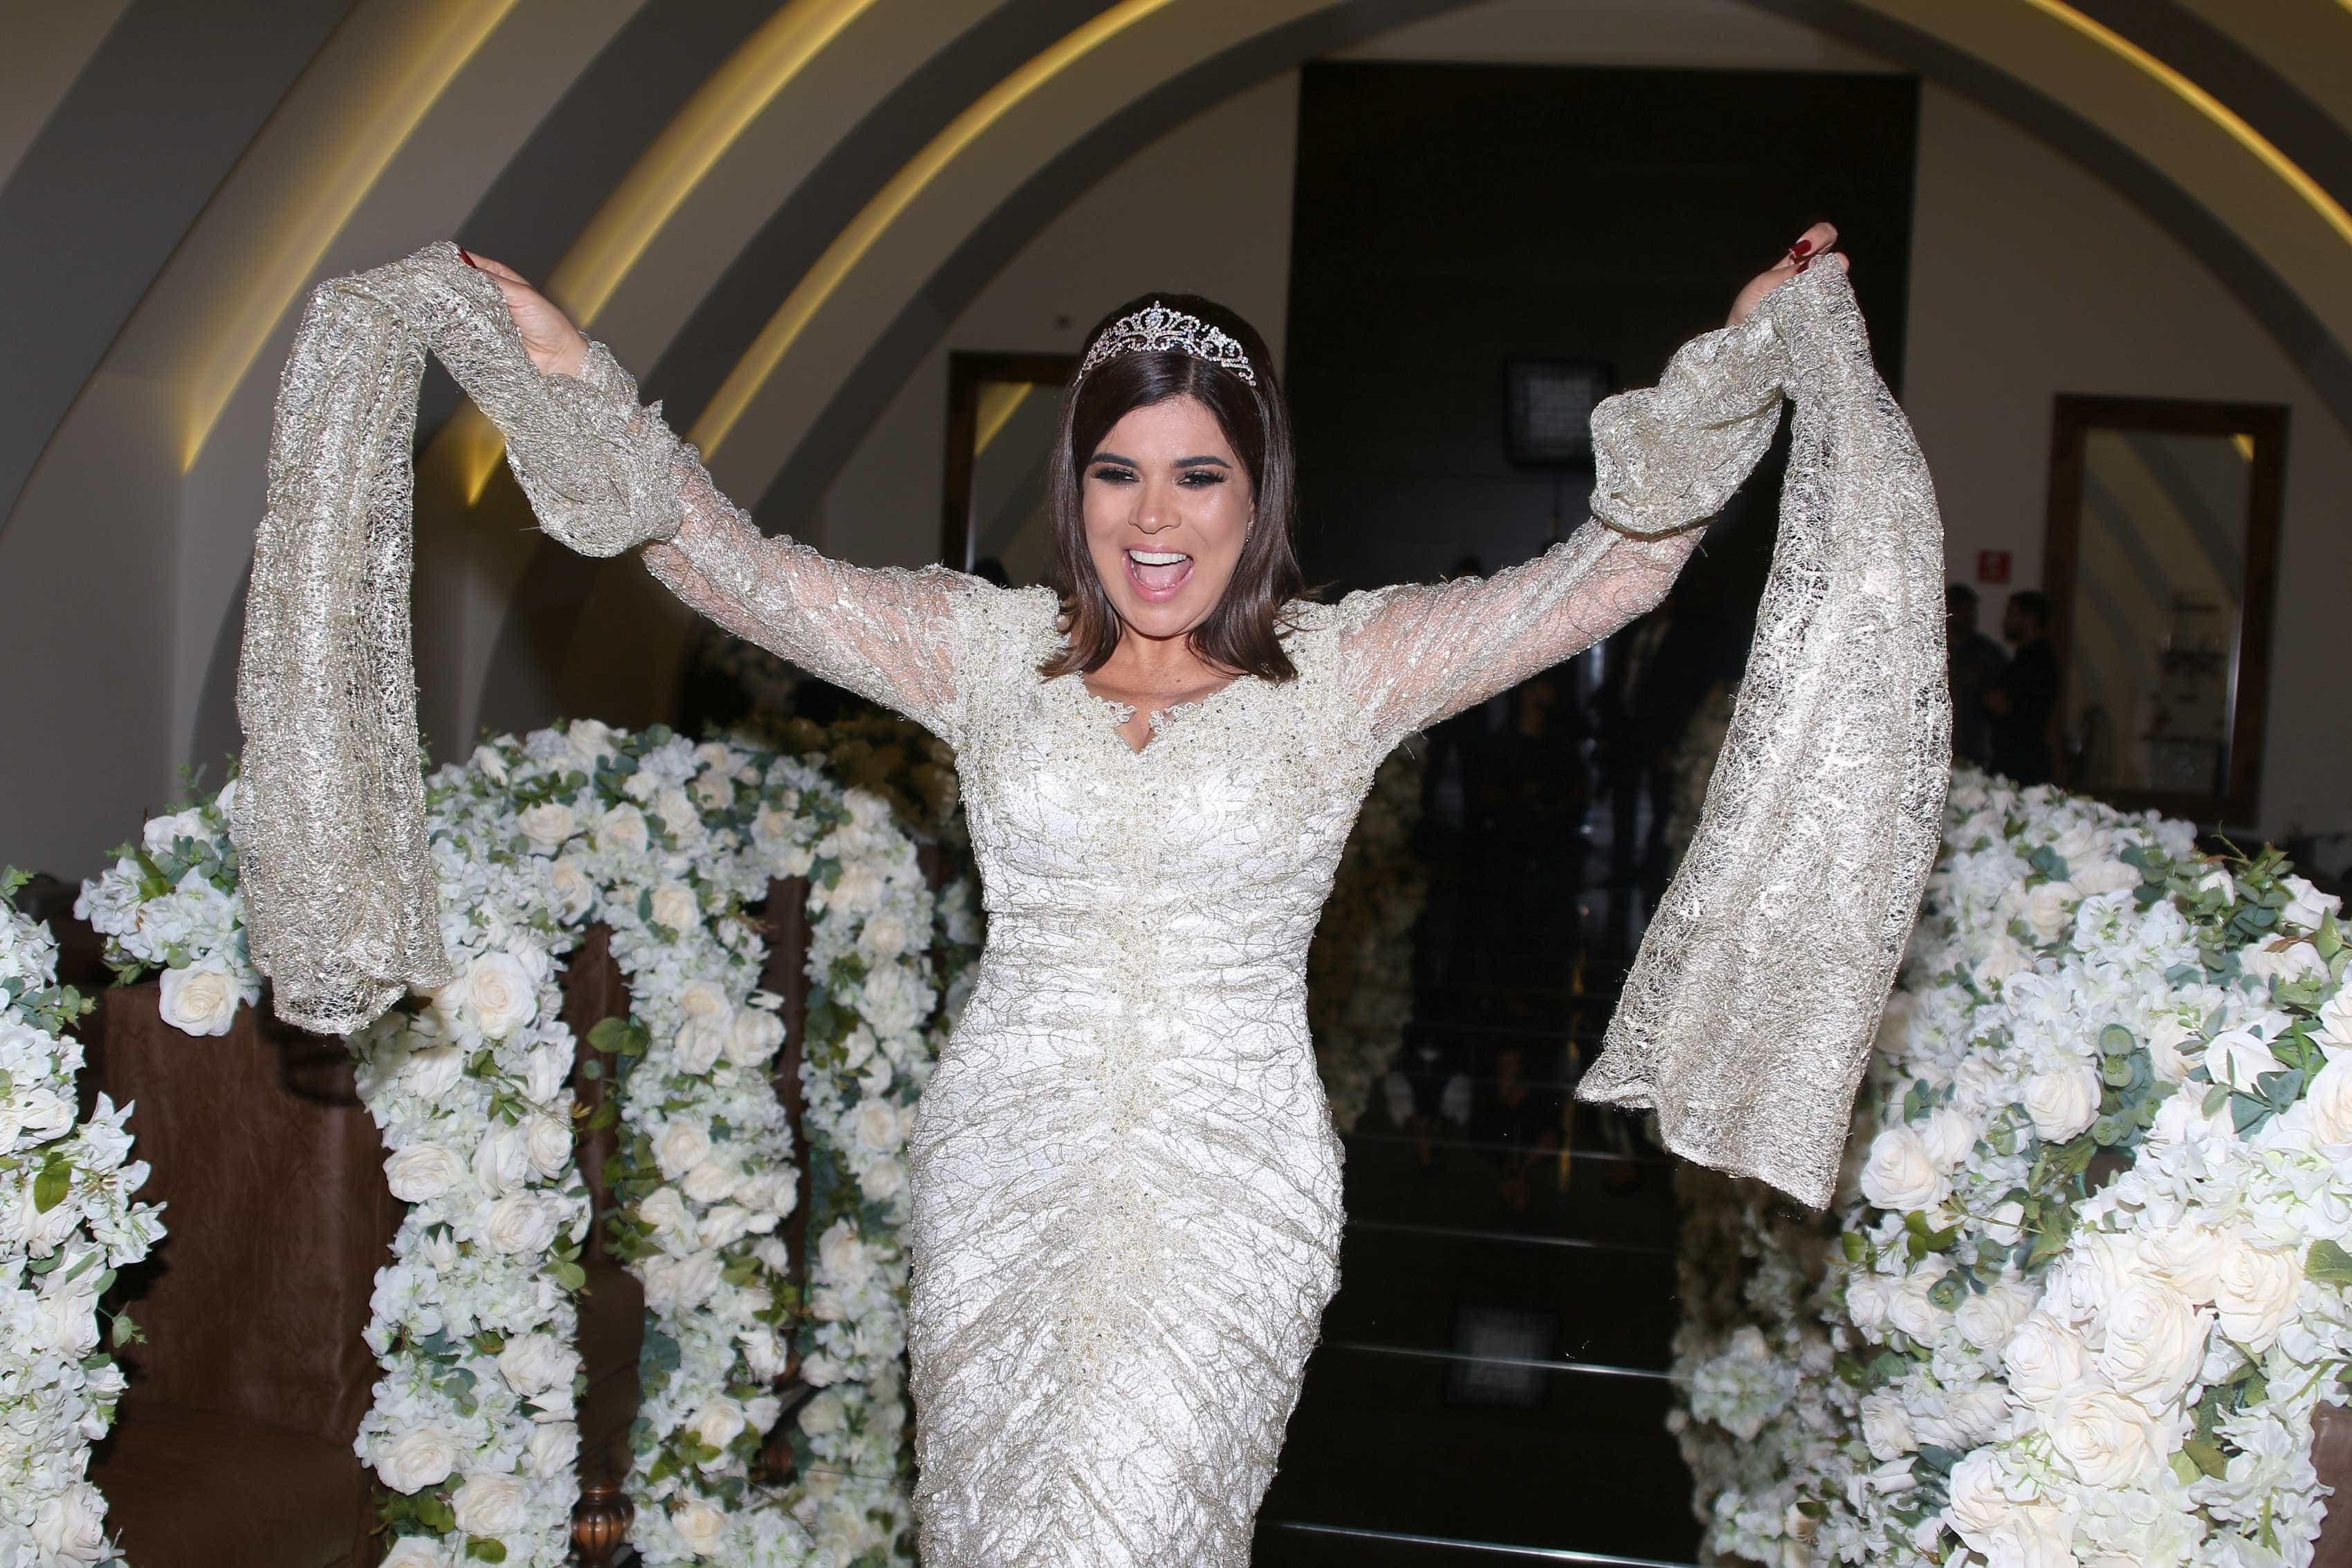 Mara Maravilha comemora aniversário vestida de noiva